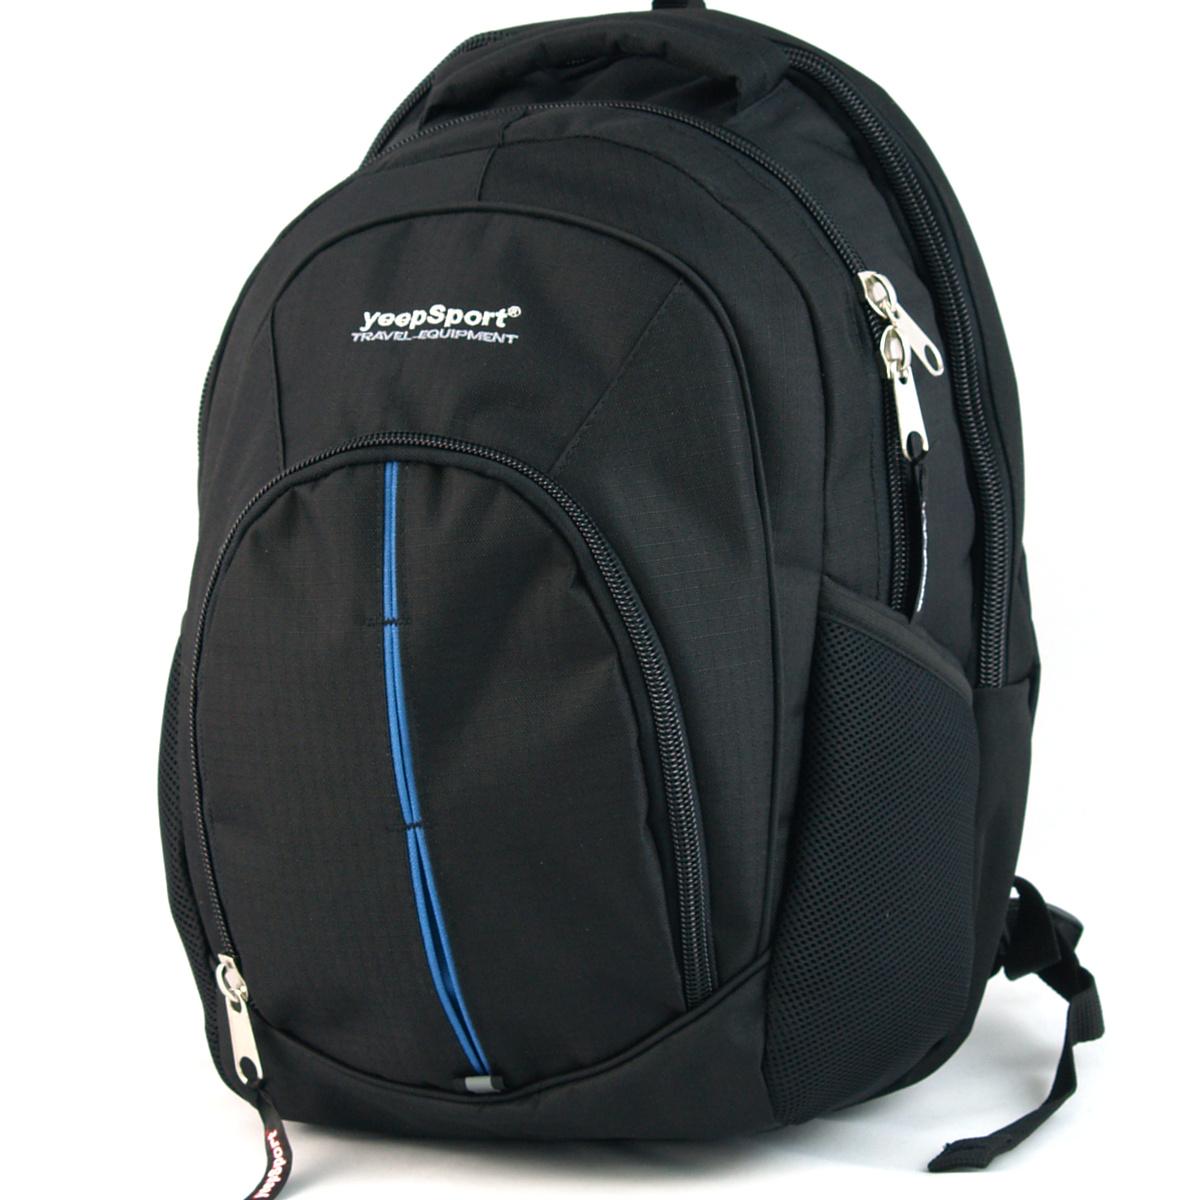 5cfc713940a2f Duży plecak 3-komorowy yeepSport S112 czarny-nieb - 7238122362 ...